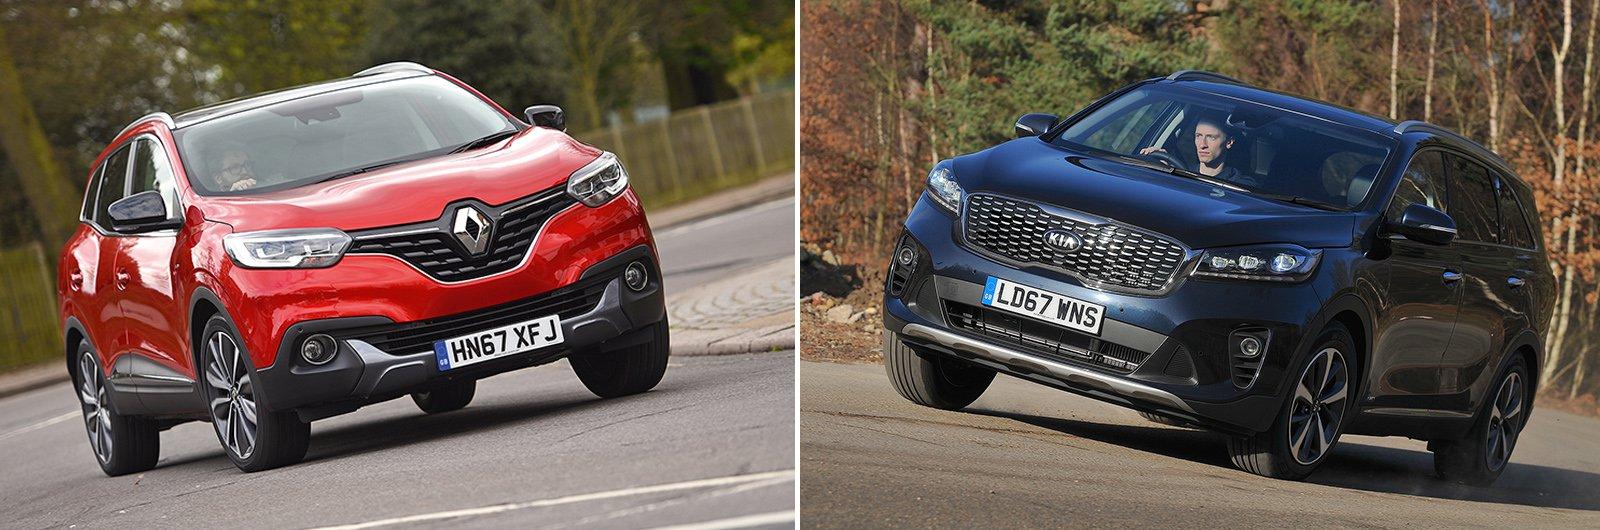 Renault Kadjar vs Kia Sorento